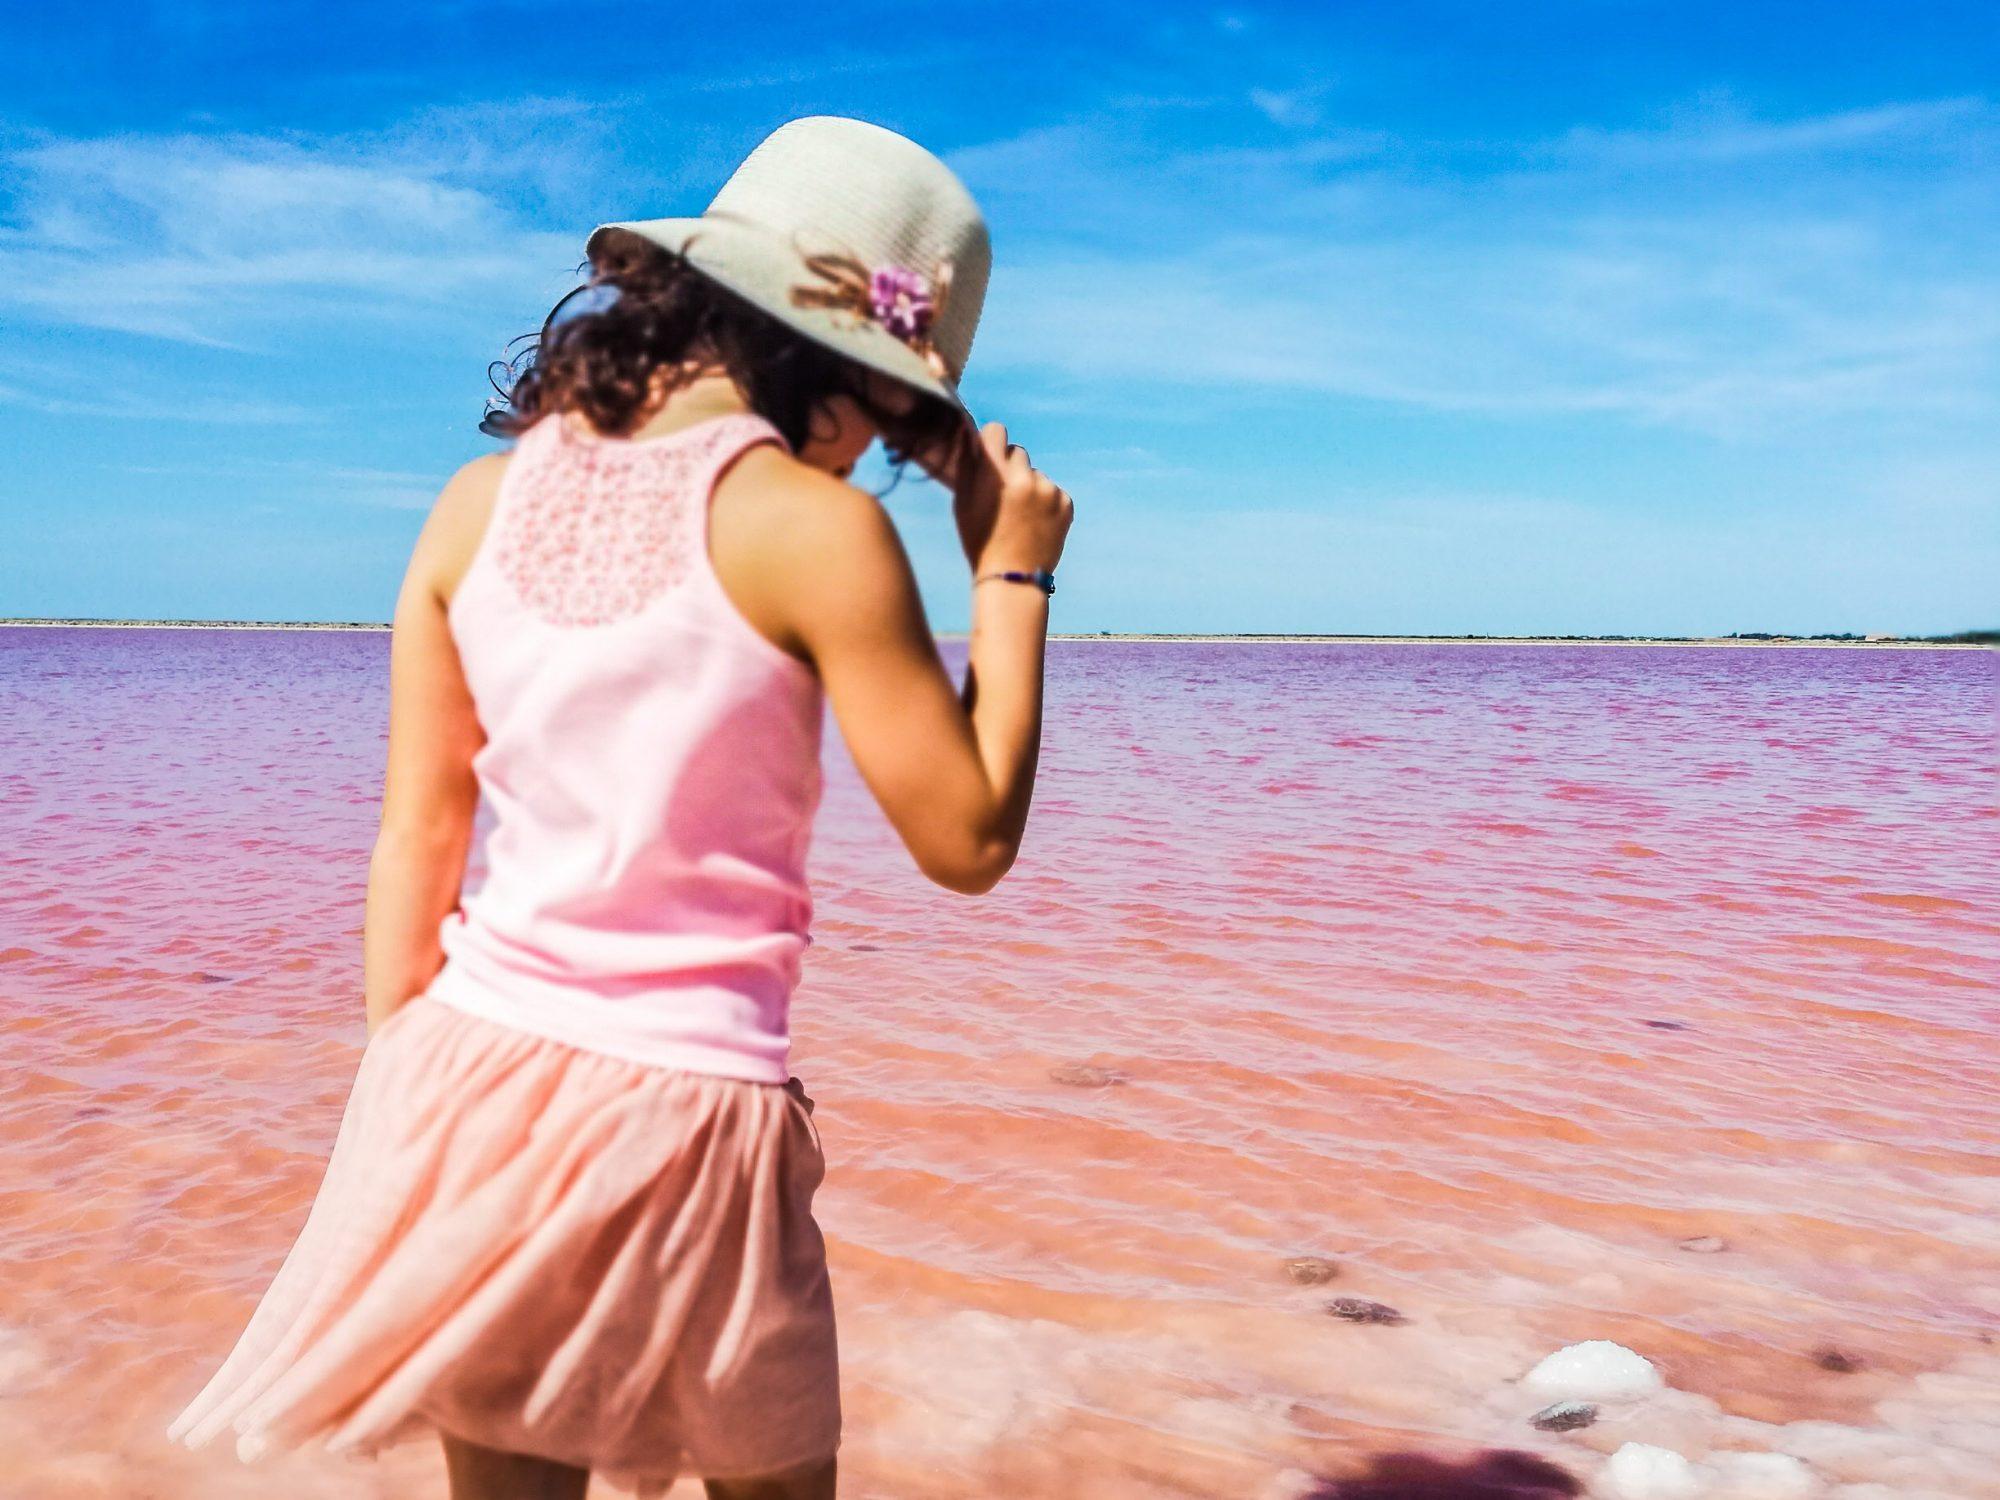 SALINE DI SALIN-DE-GIRAUD: DOVE IL MARE SI TINGE DI ROSA